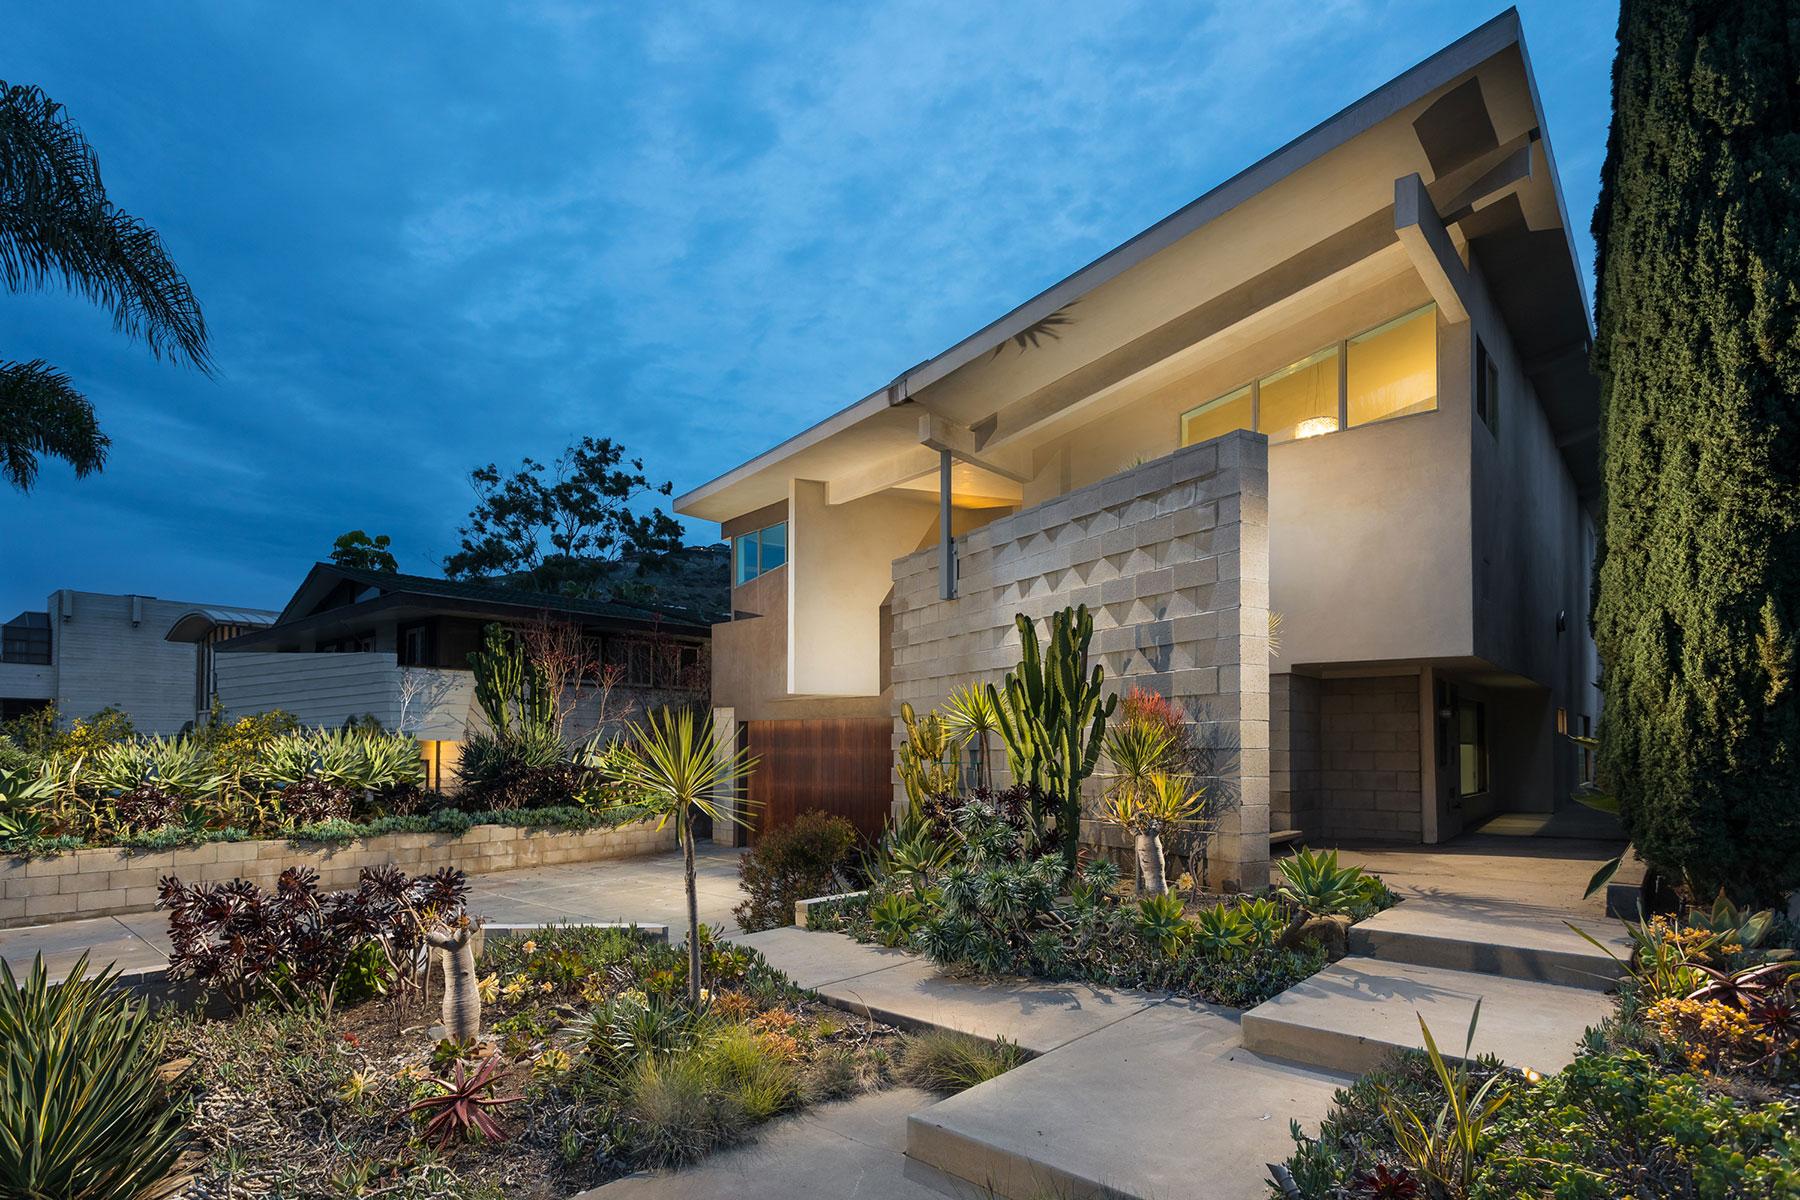 단독 가정 주택 용 매매 에 32416 Coast Hwy Laguna Beach, 캘리포니아, 92651 미국